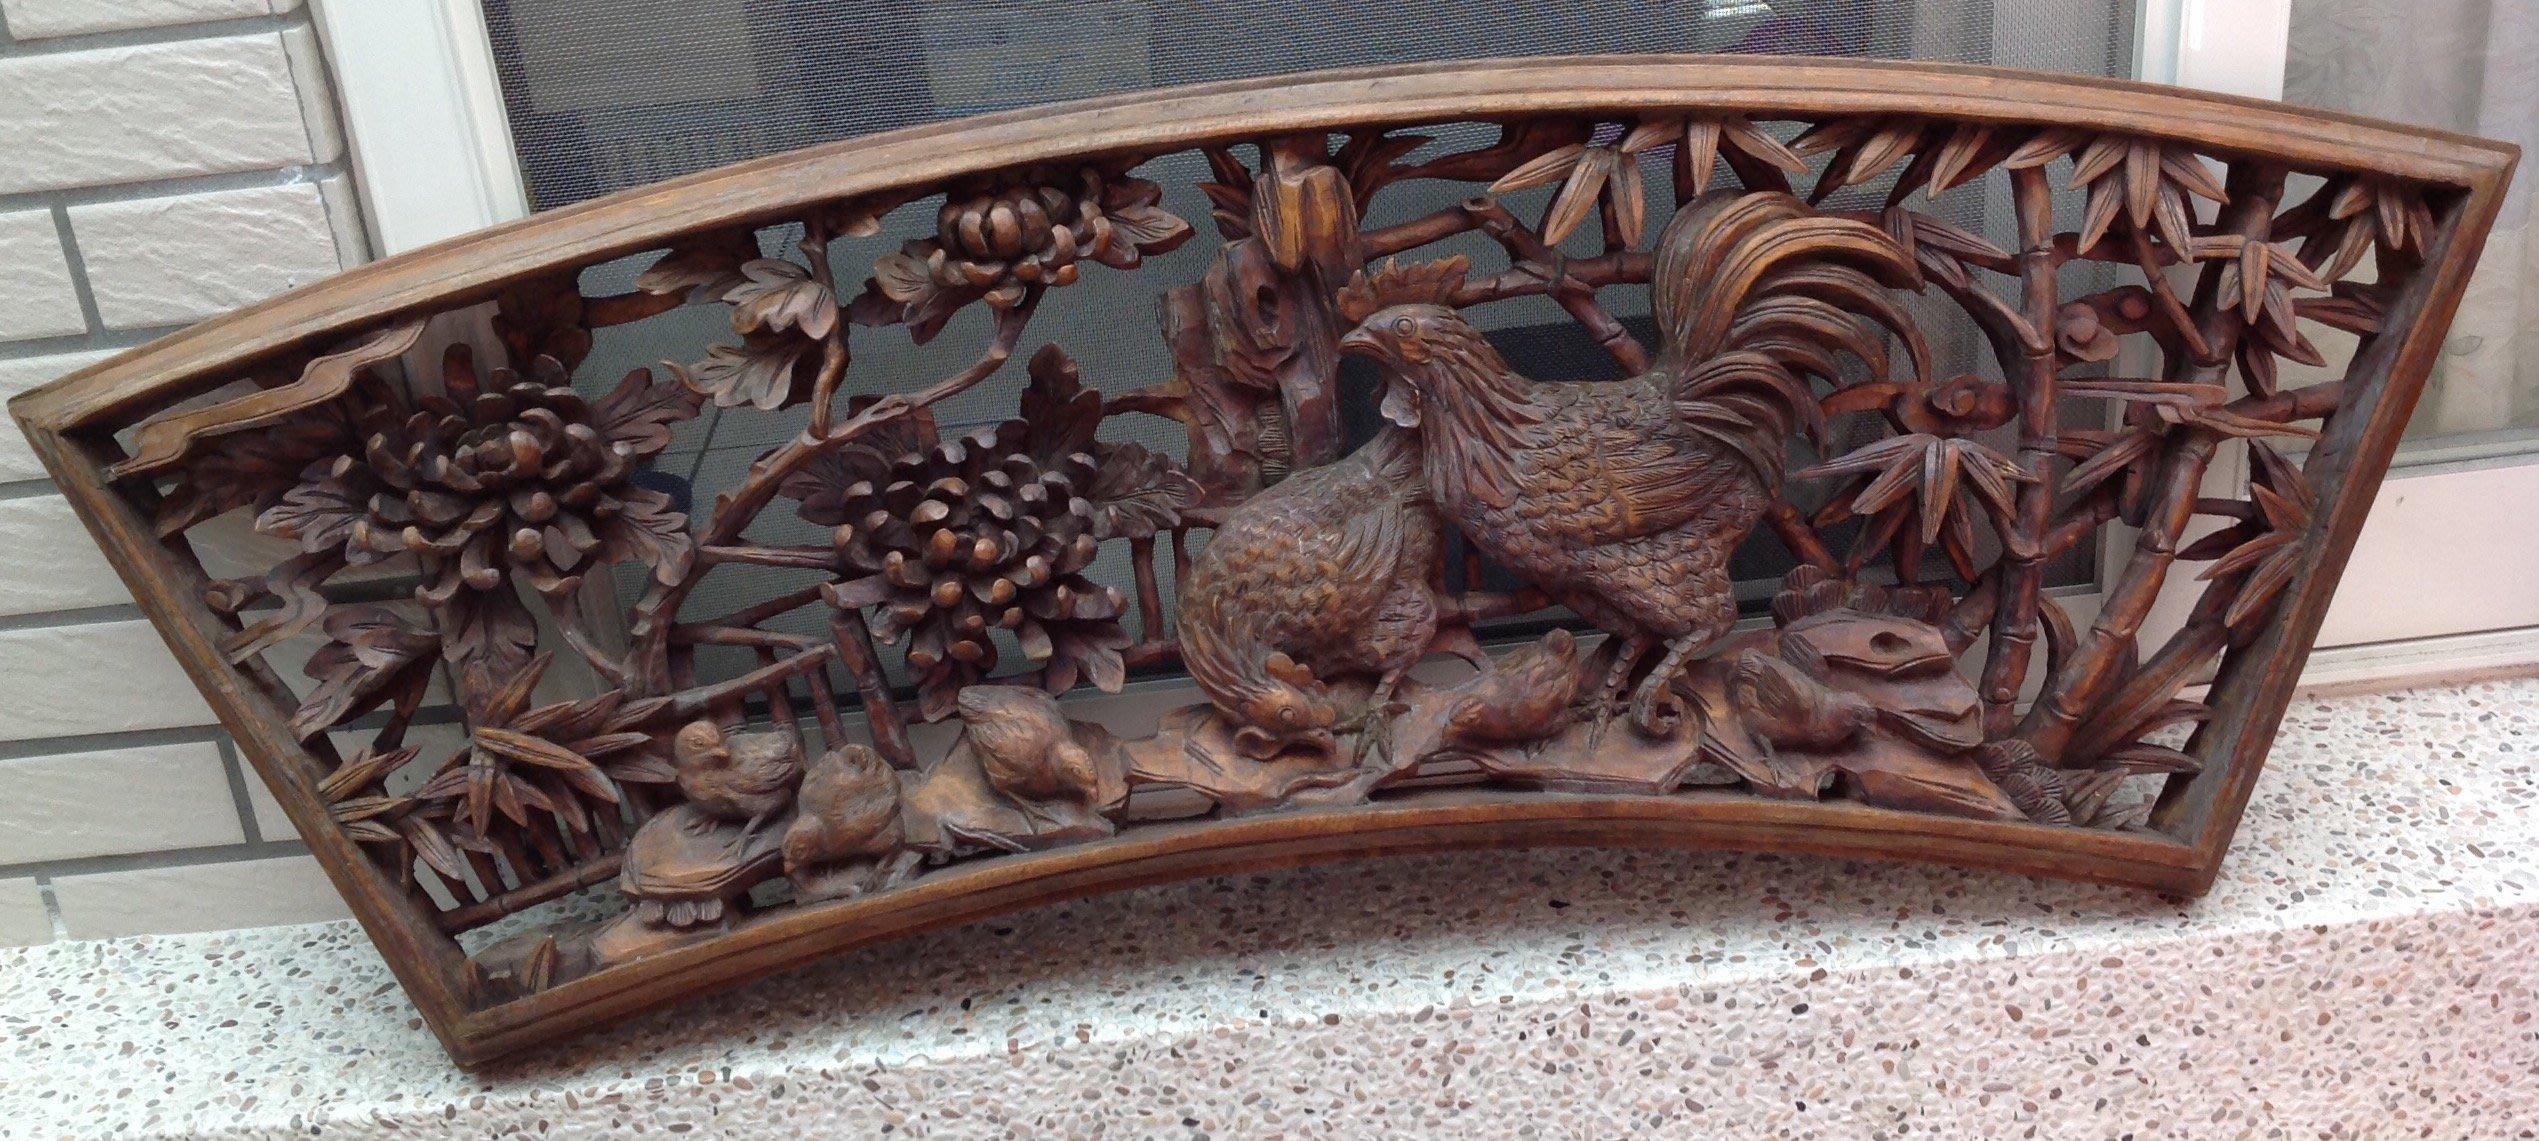 【黑狗兄】牛樟老木雕--和樂融融--木雕雞,公雞母雞小雞C-07